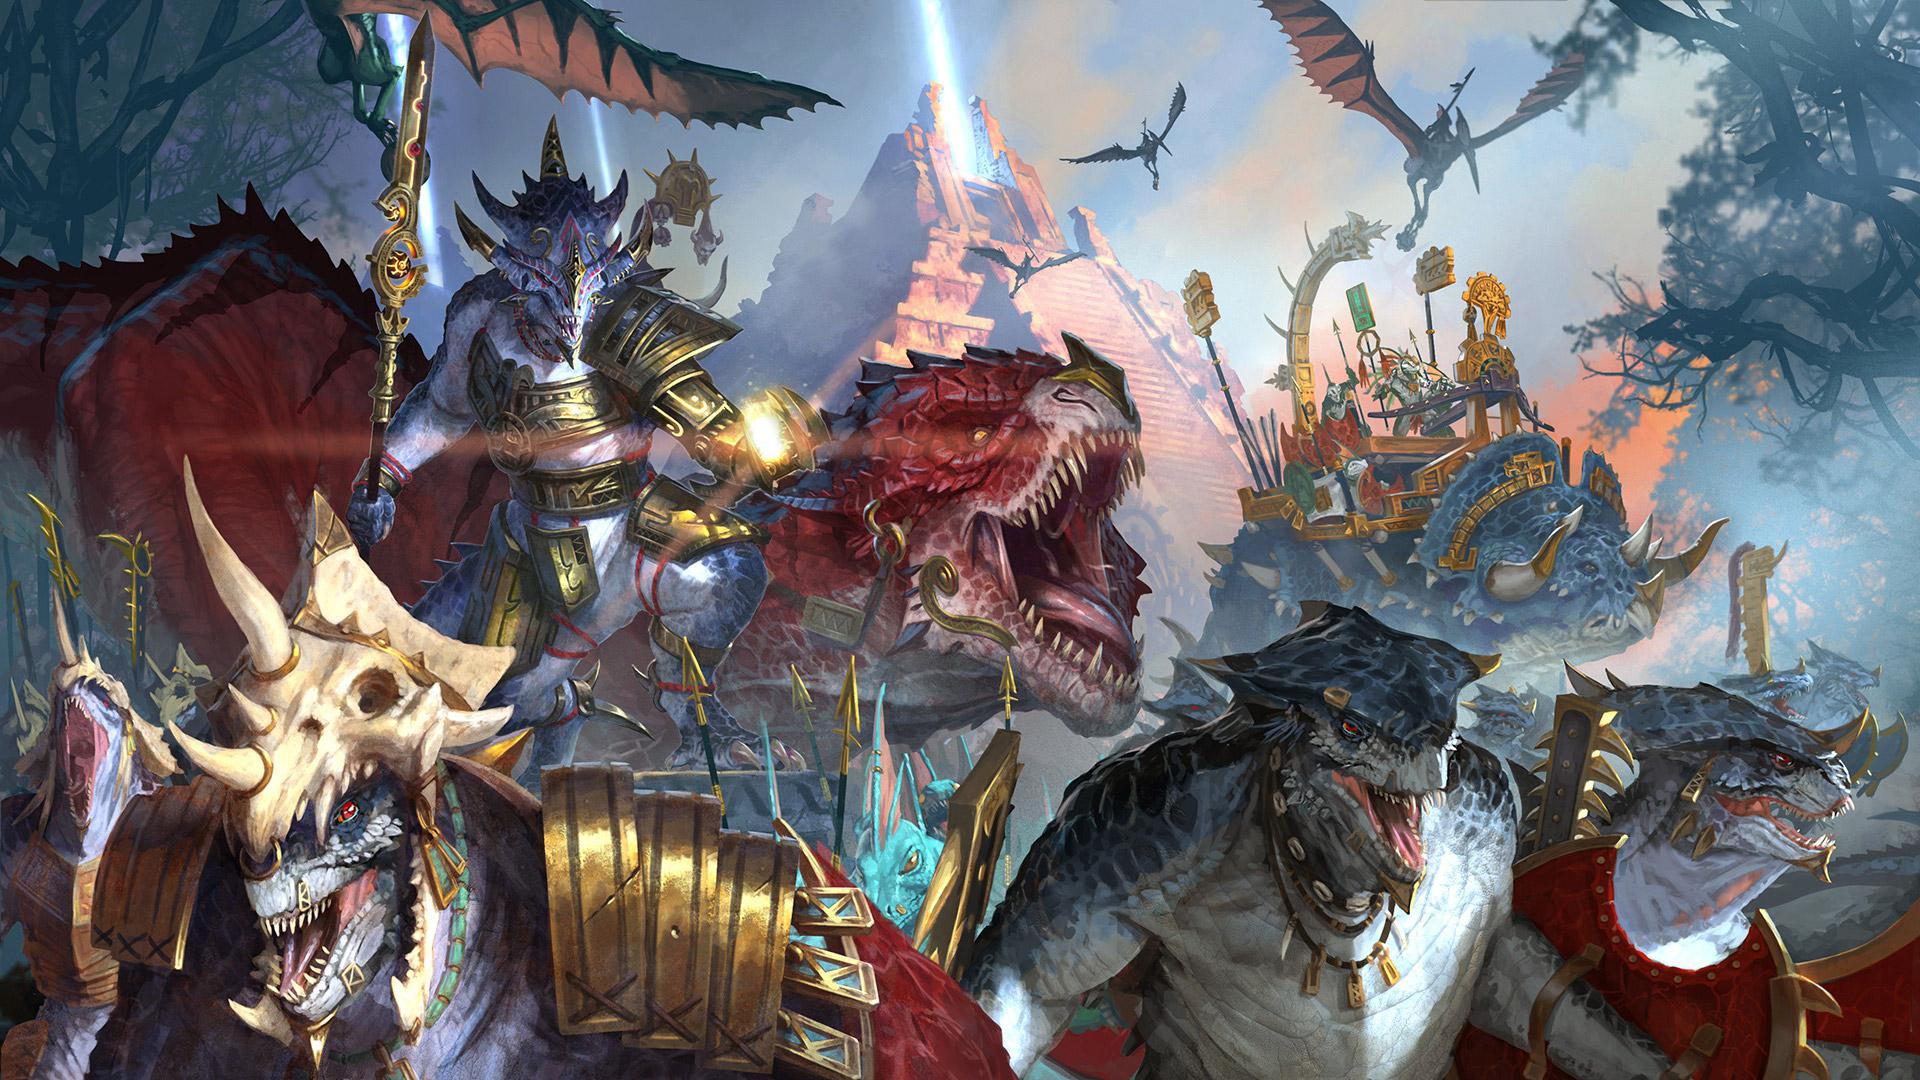 Free Total War: Warhammer II Wallpaper in 1920x1080